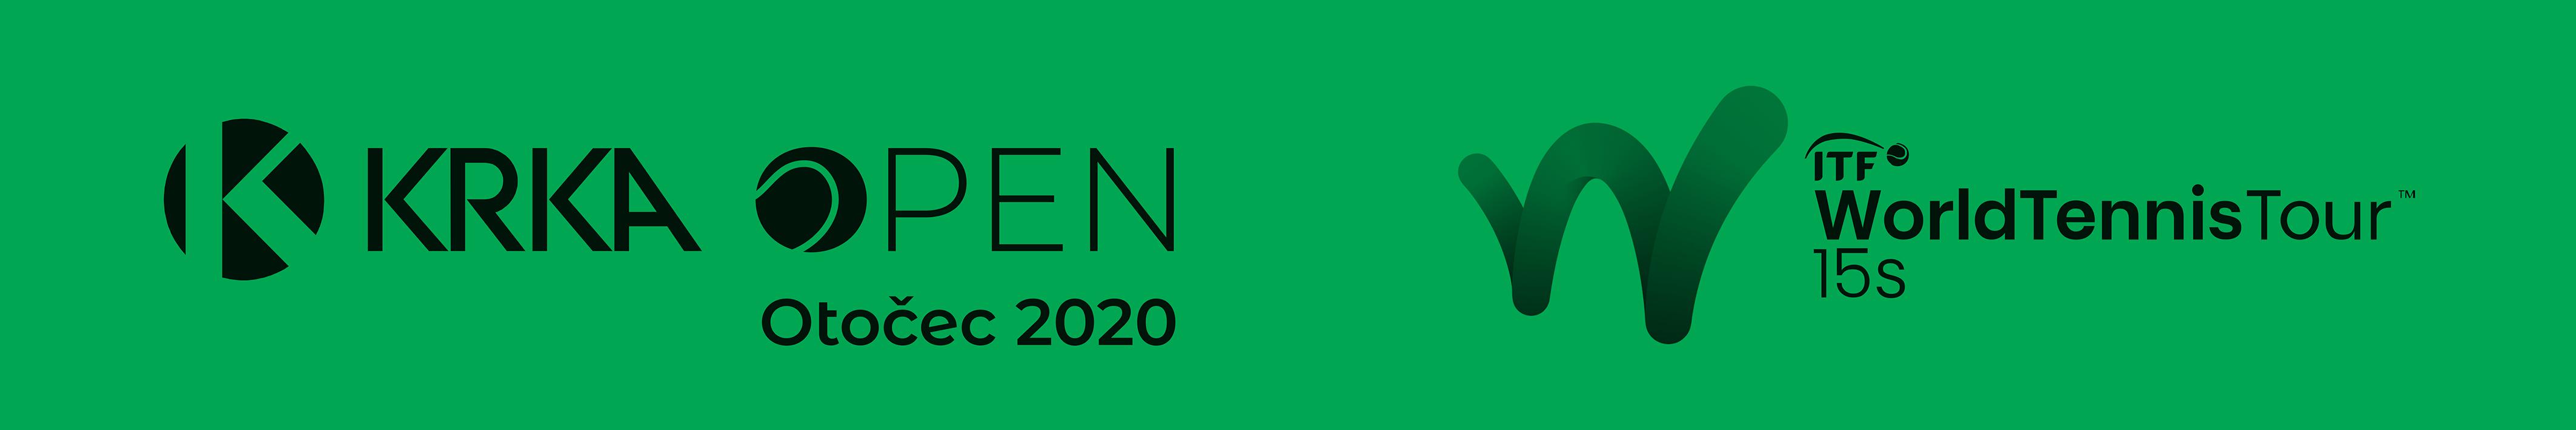 Krka Open 2020